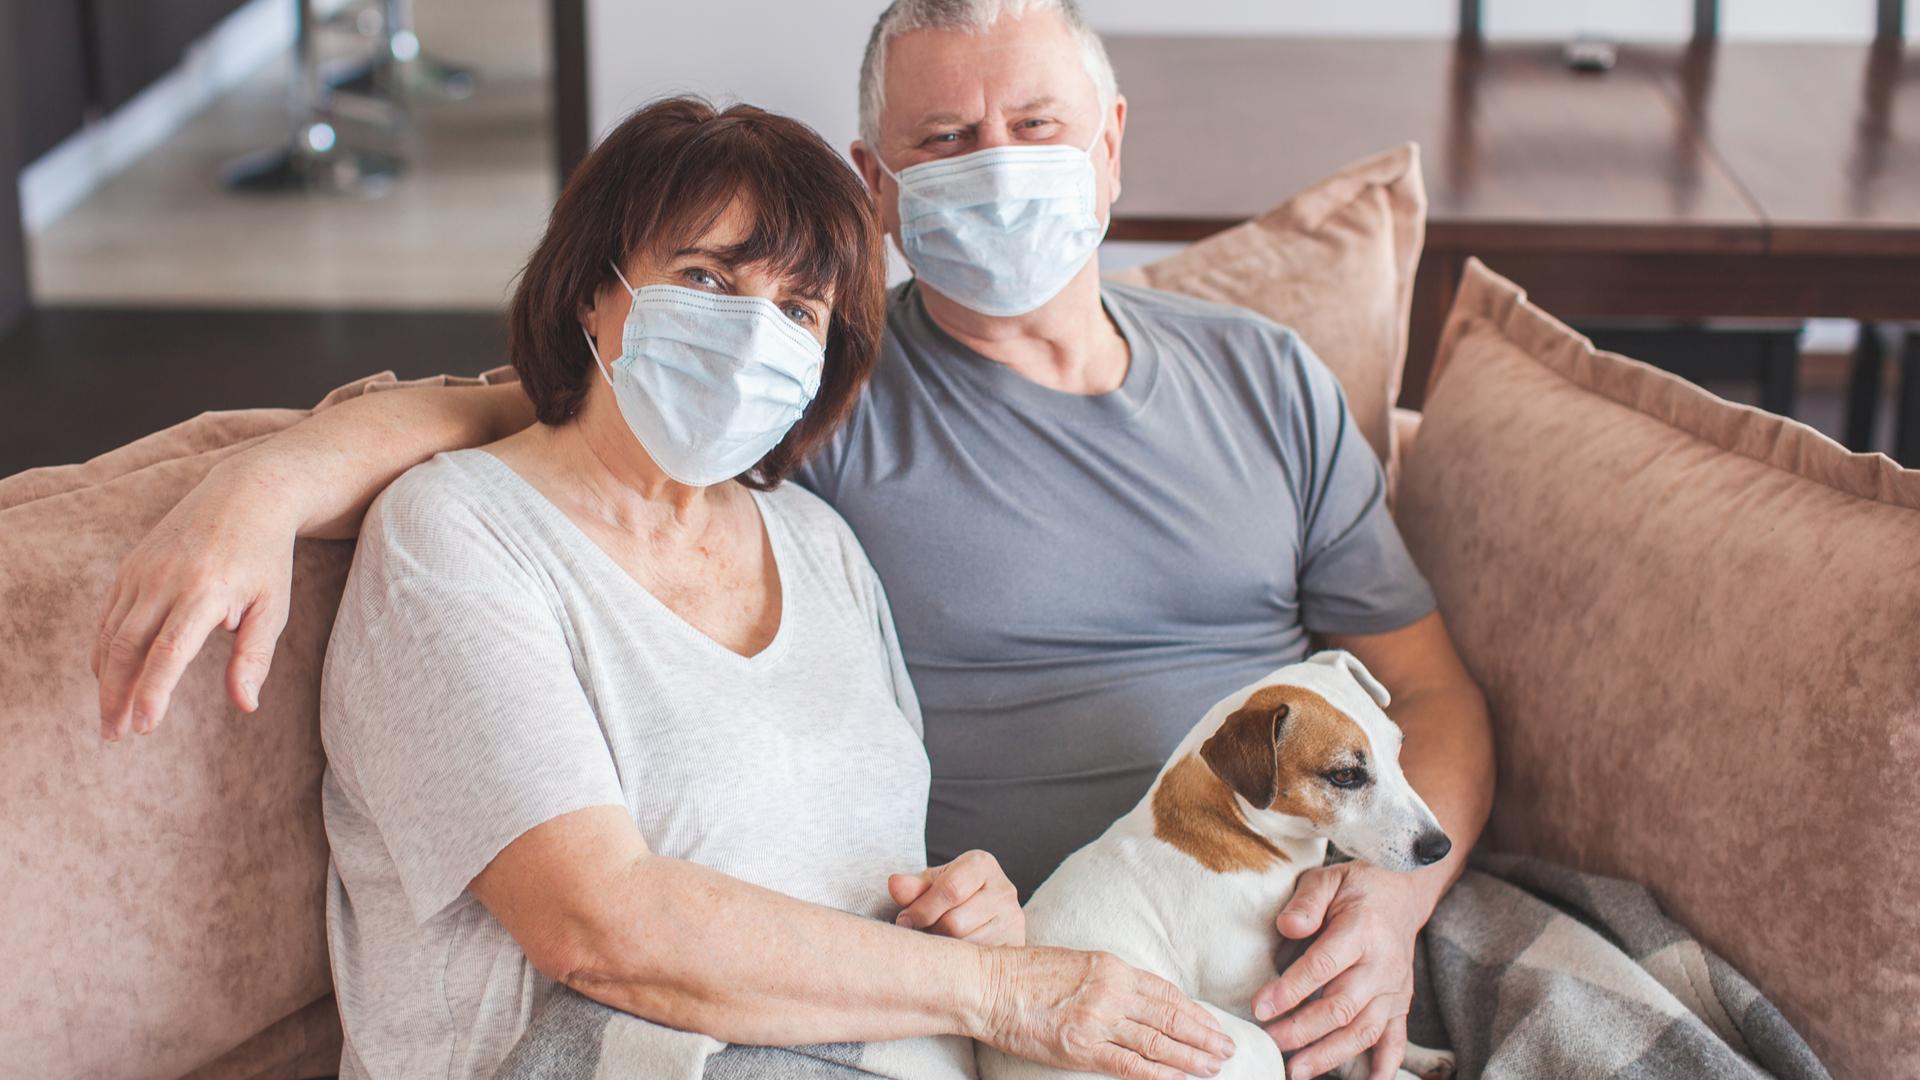 medidas de proteccion para personas con mayor riesgo de COVID